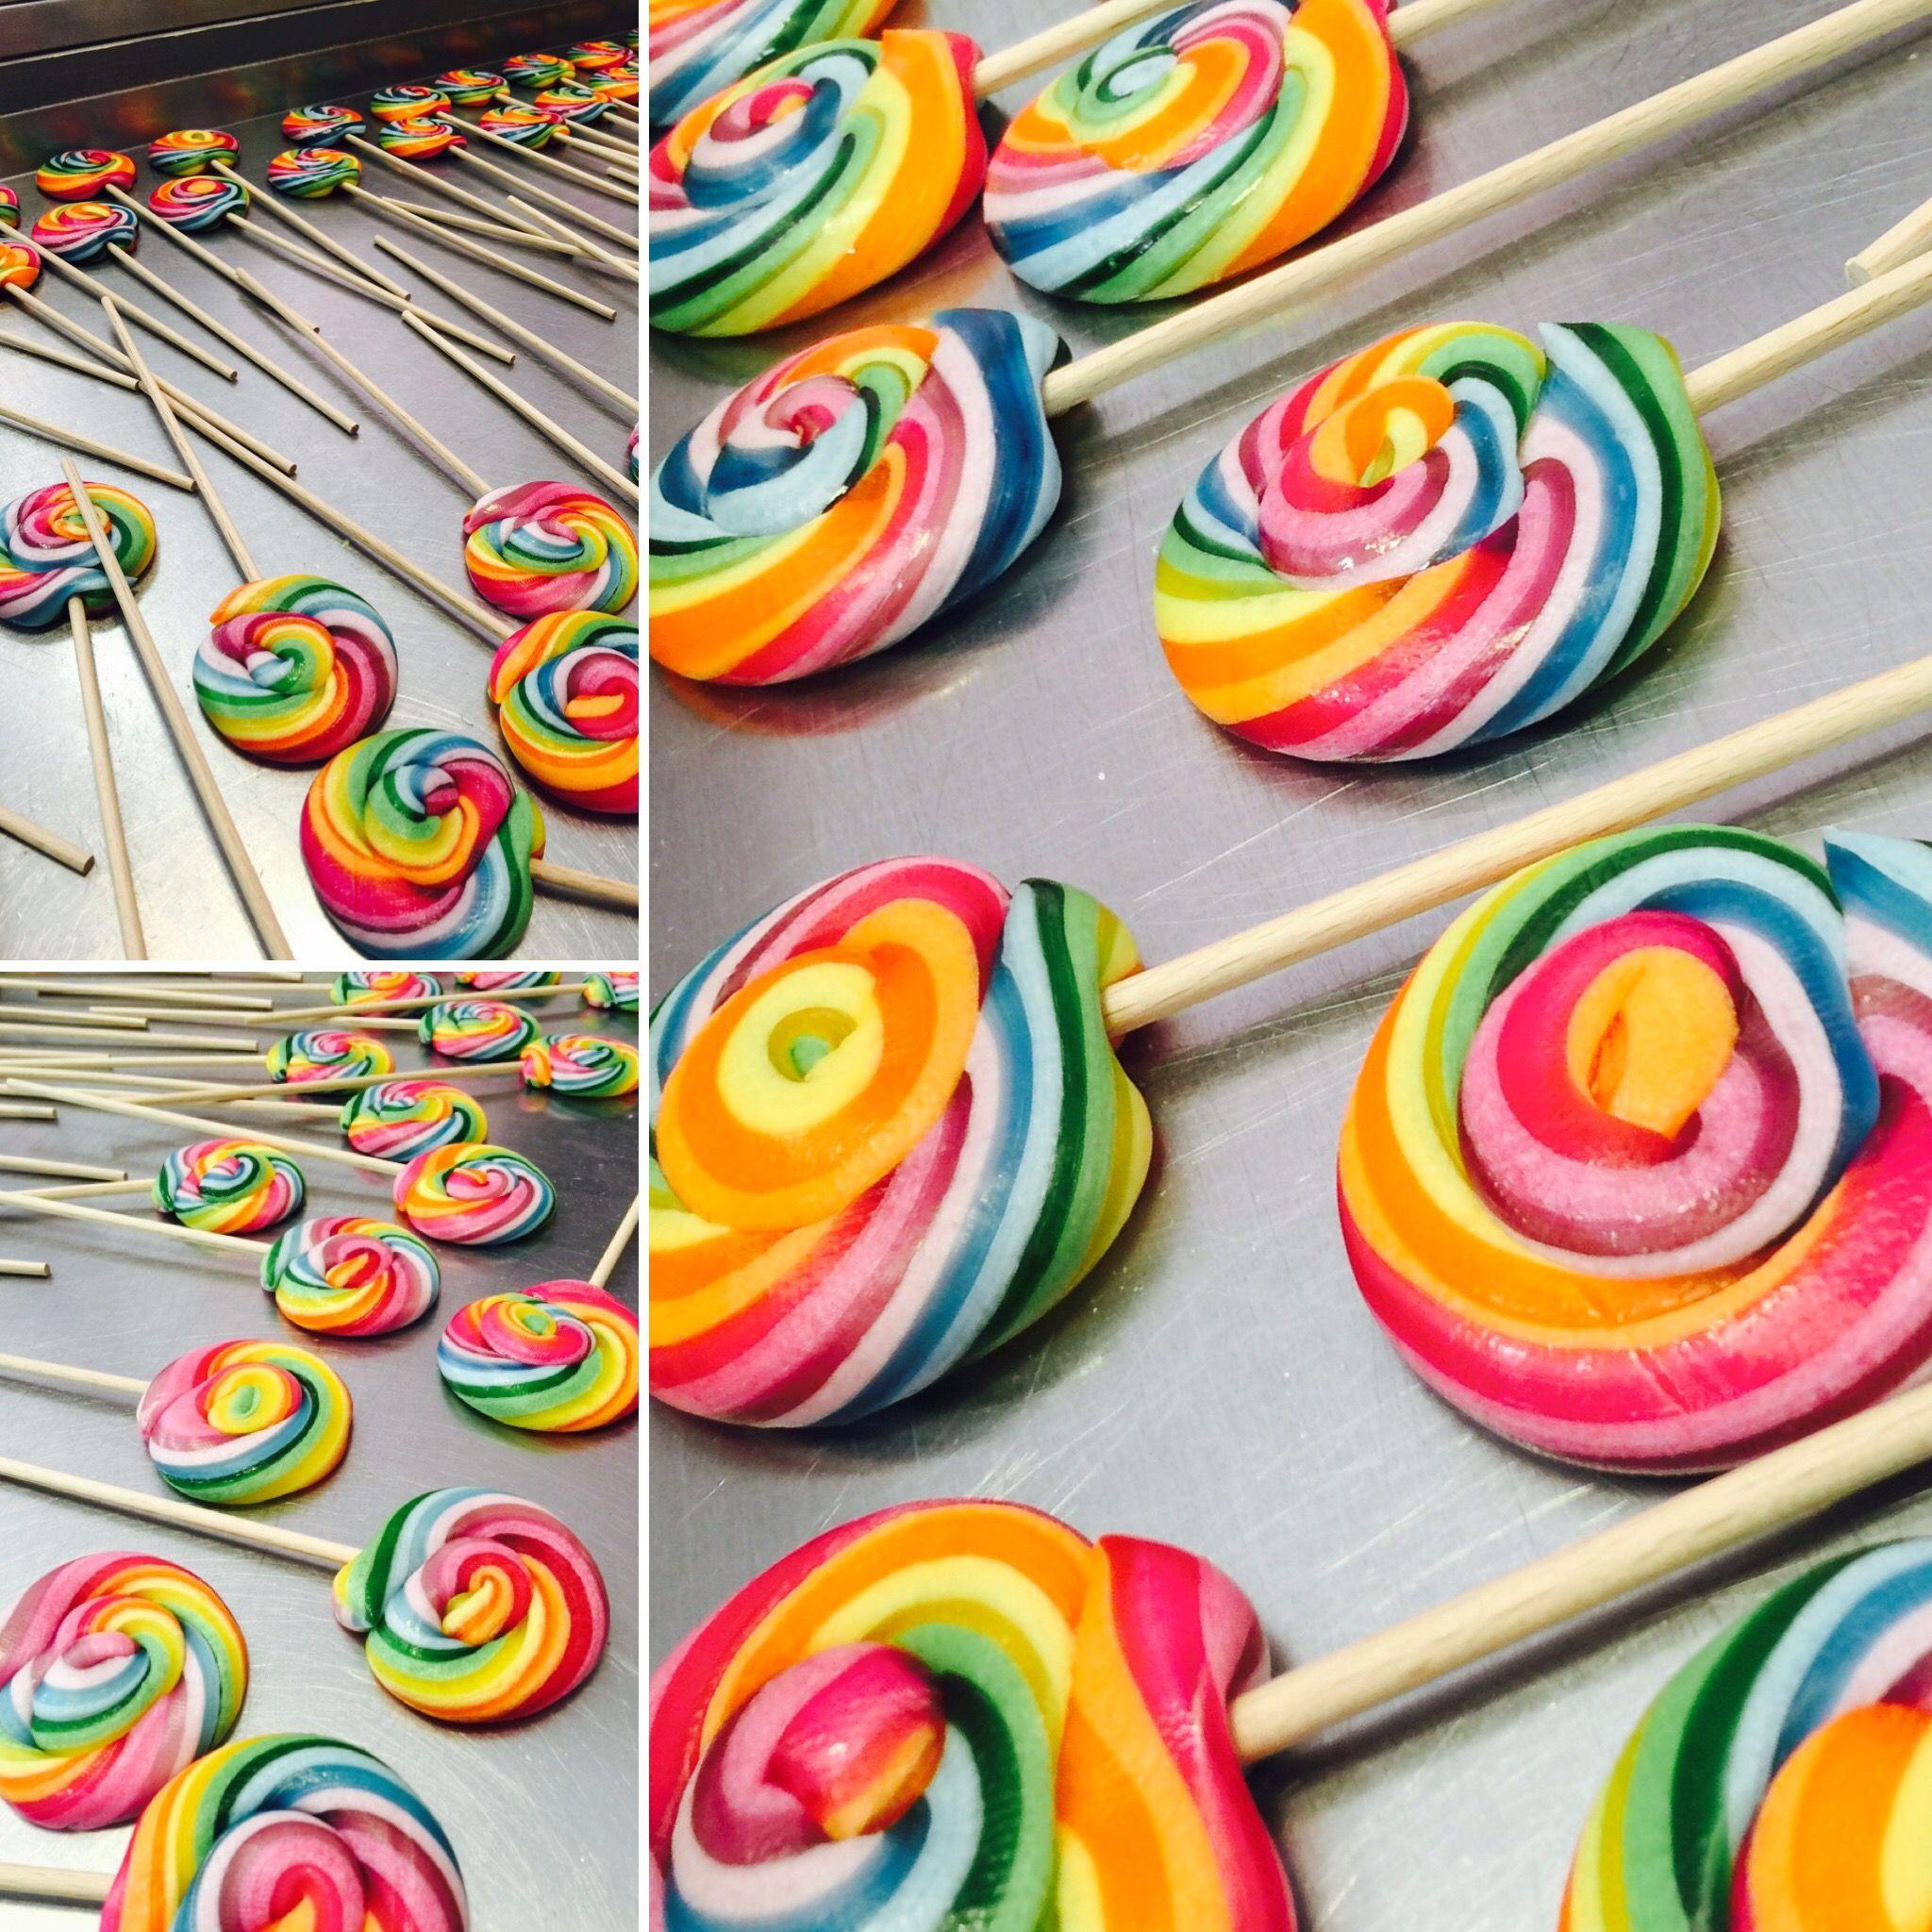 Pin by Olimpia JakubczakChoma on Cukier Lukier sweets